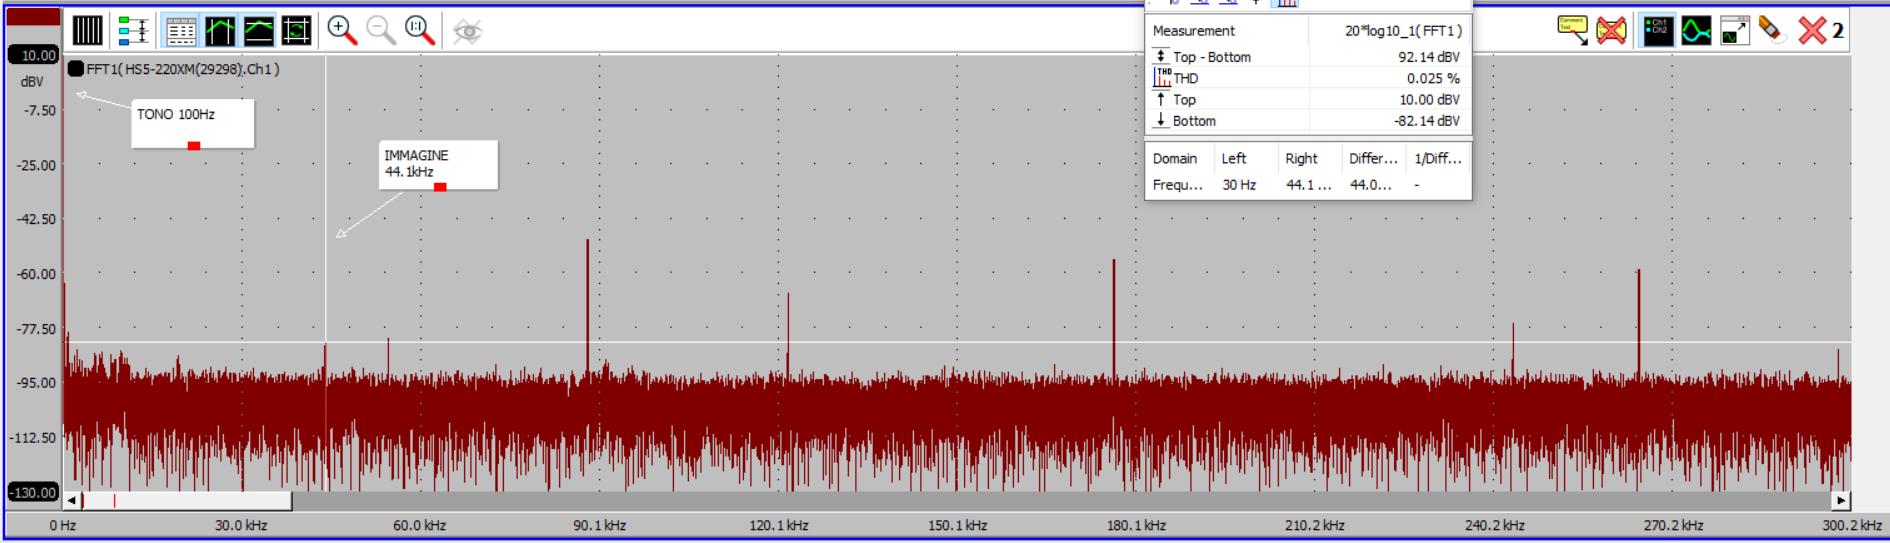 Esperimento sull'interpolazione lineare - Pagina 6 49181983206_06d9be120d_o_d